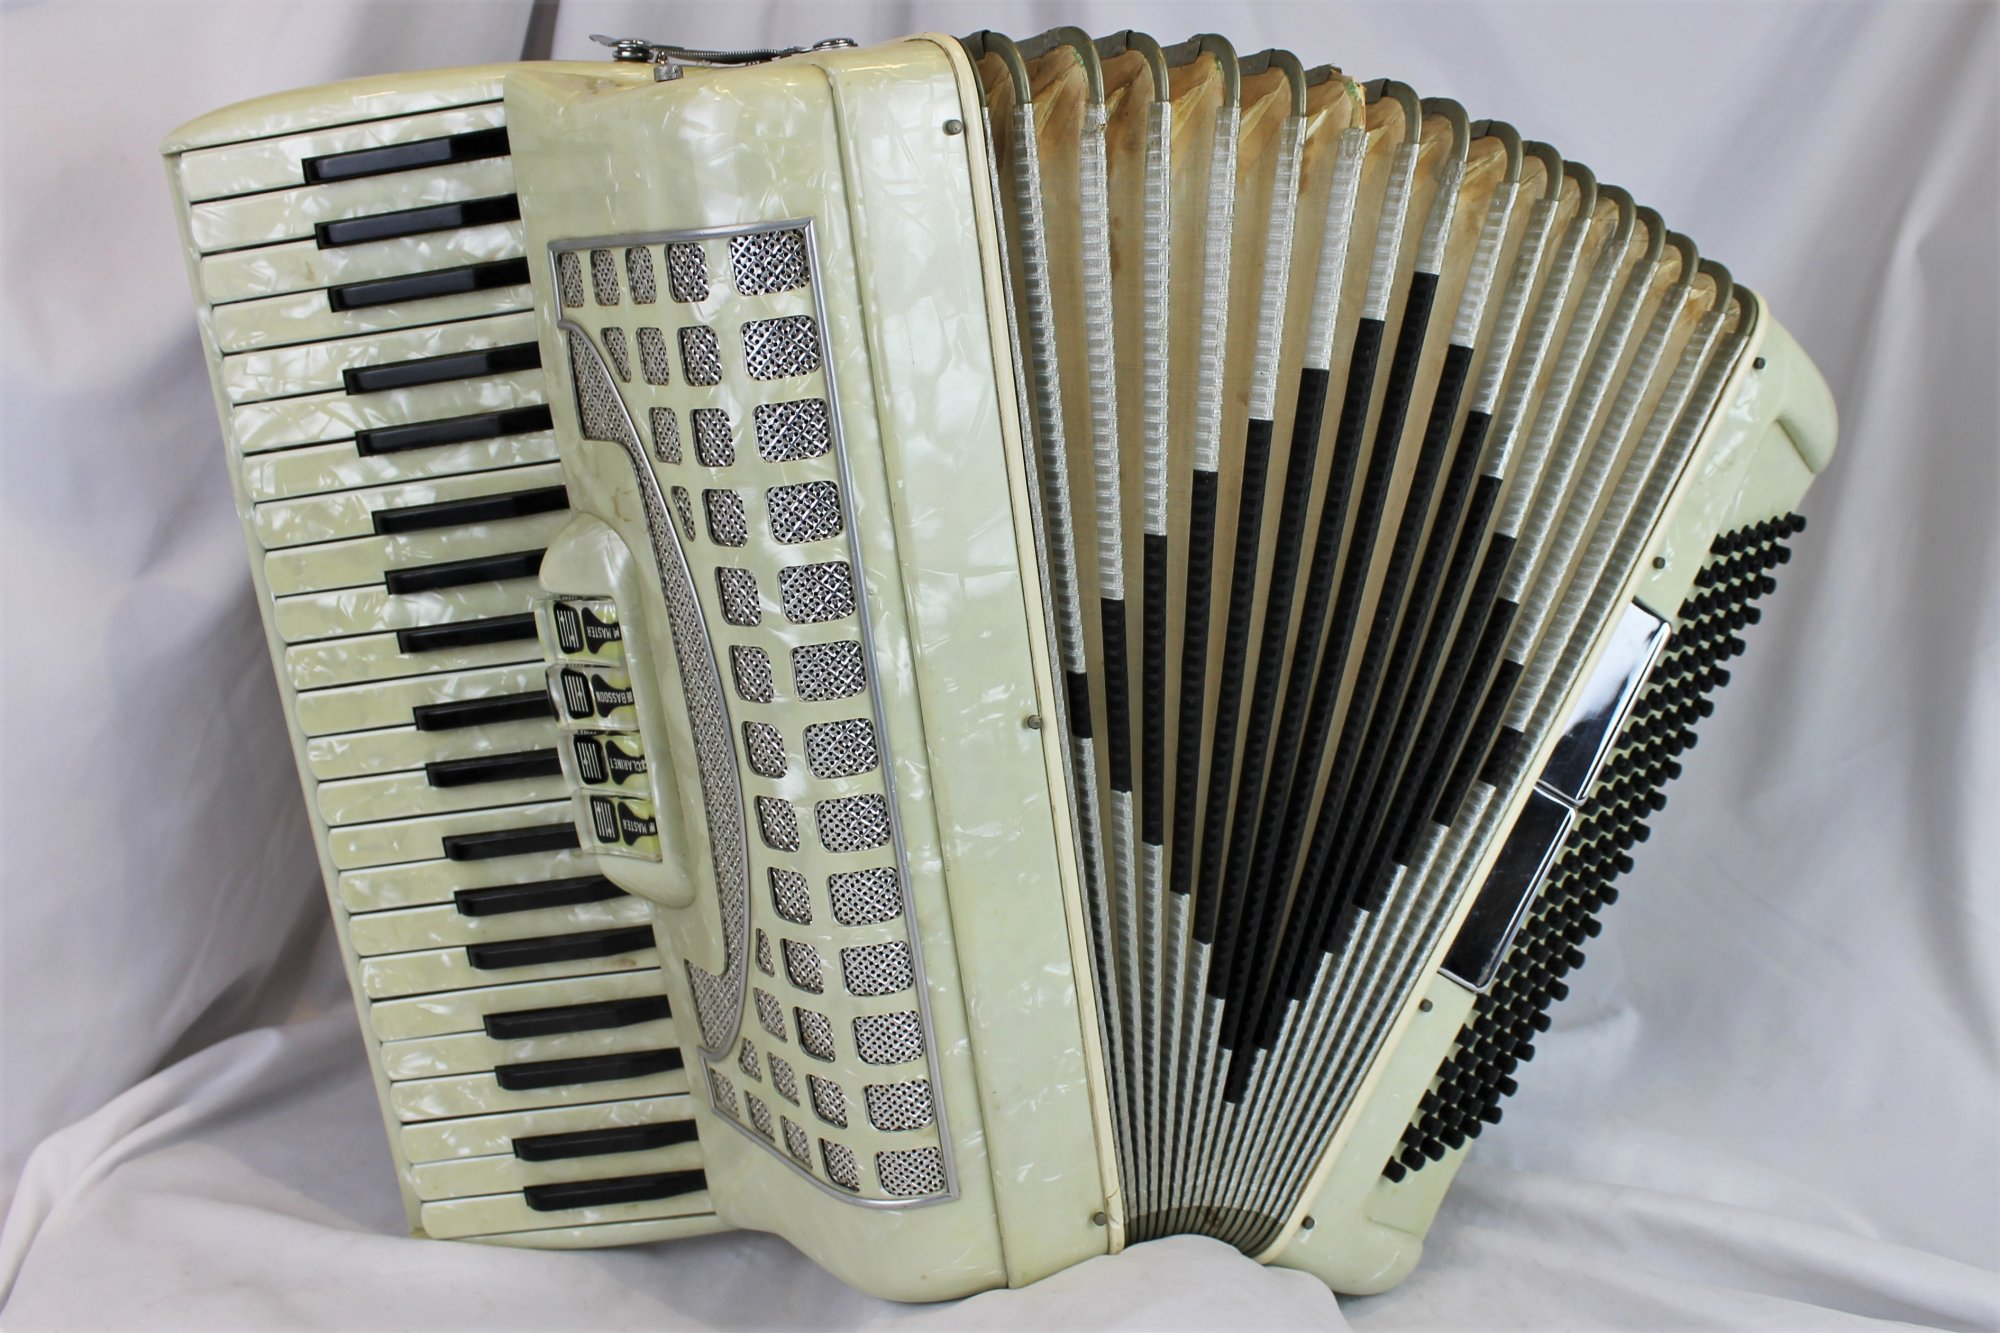 4409 - Ivory Castiglione Piano Accordion LM 41 120